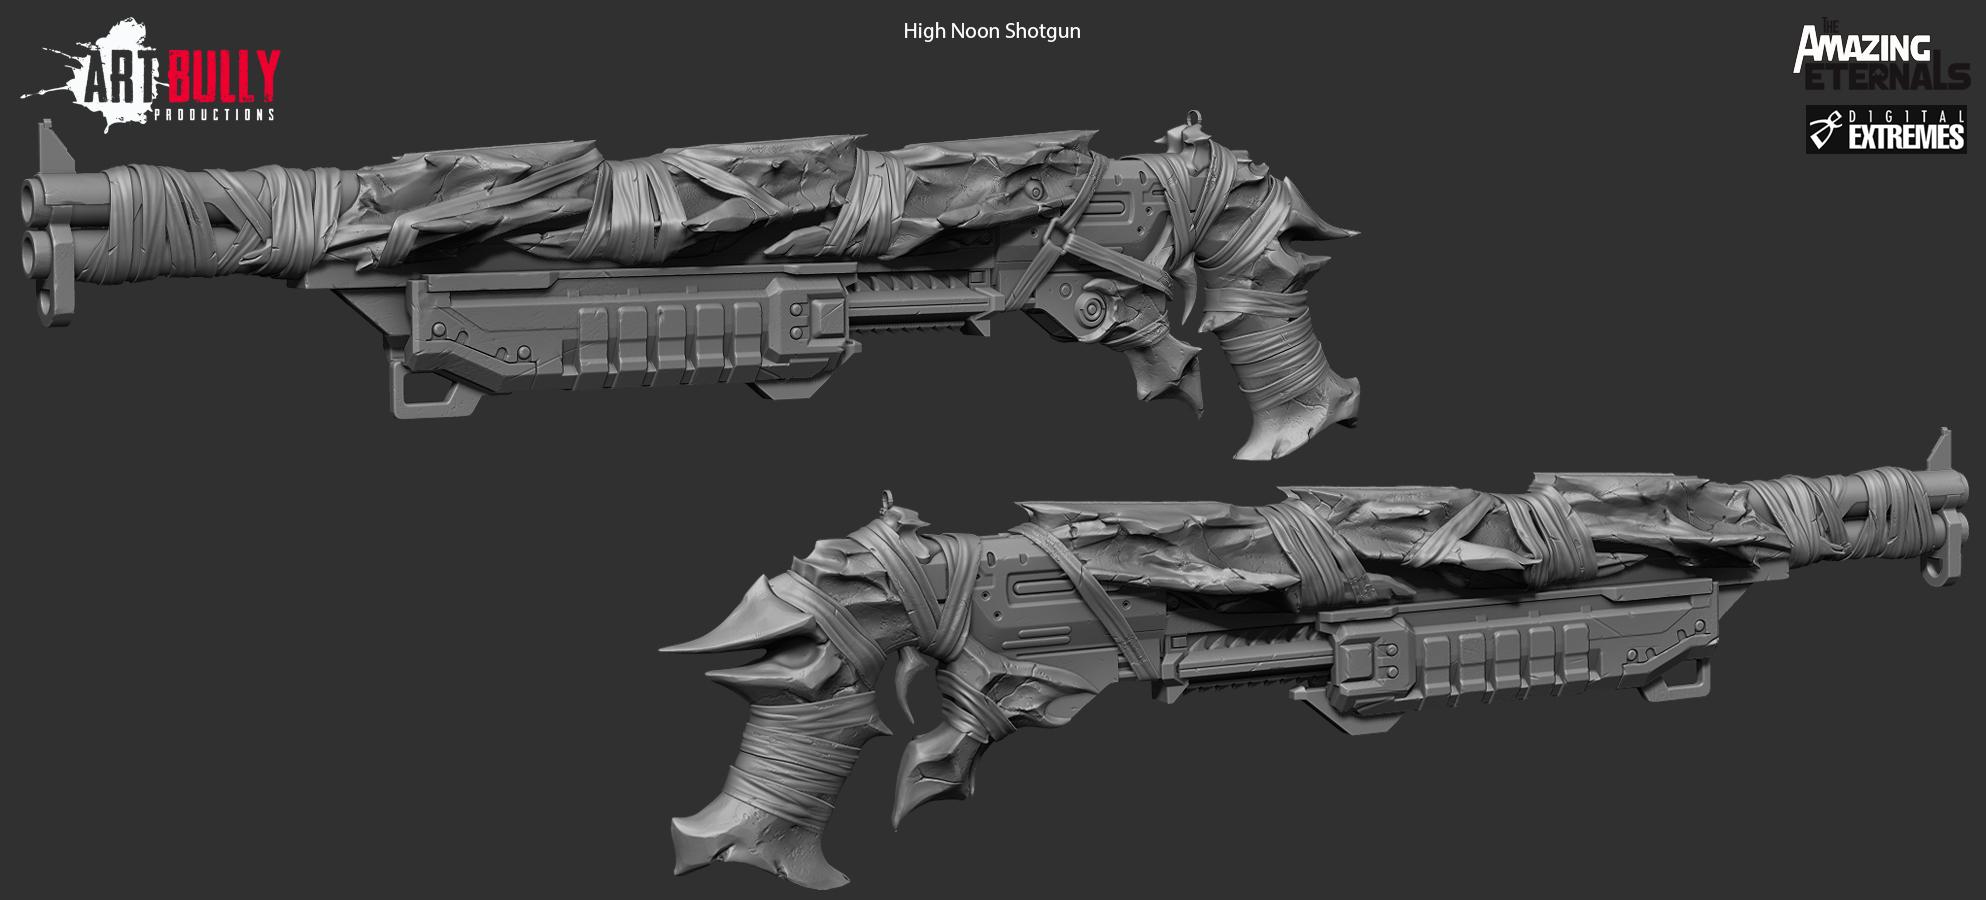 HighNoon_Shotgun_HP_Render.jpg